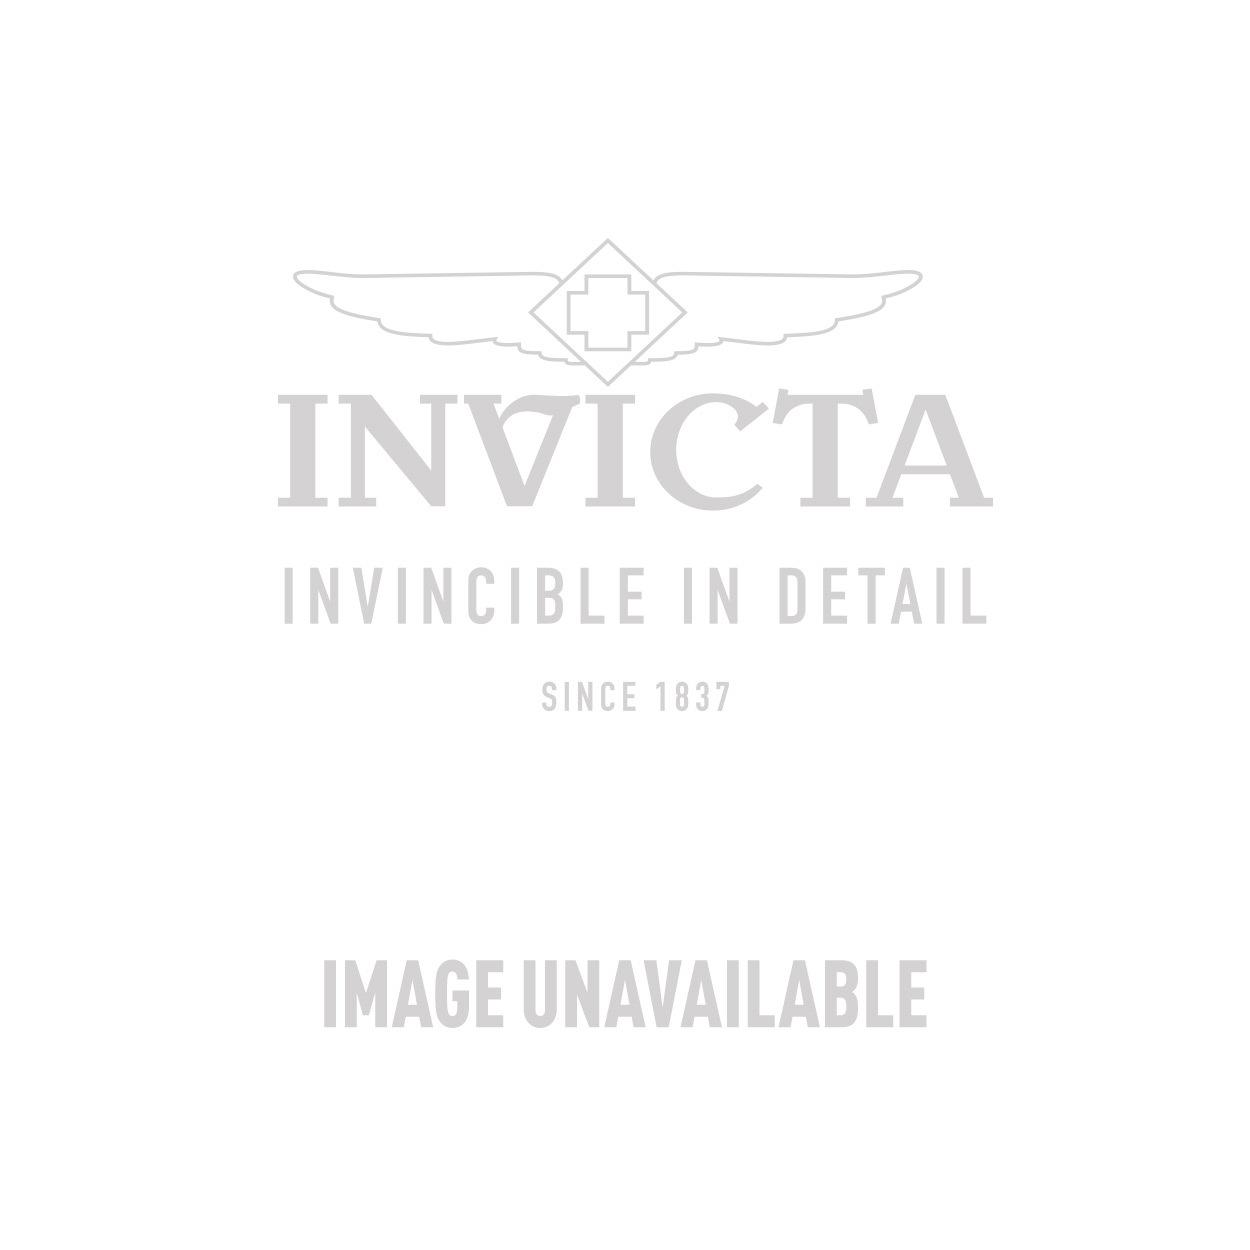 Invicta Model 29219